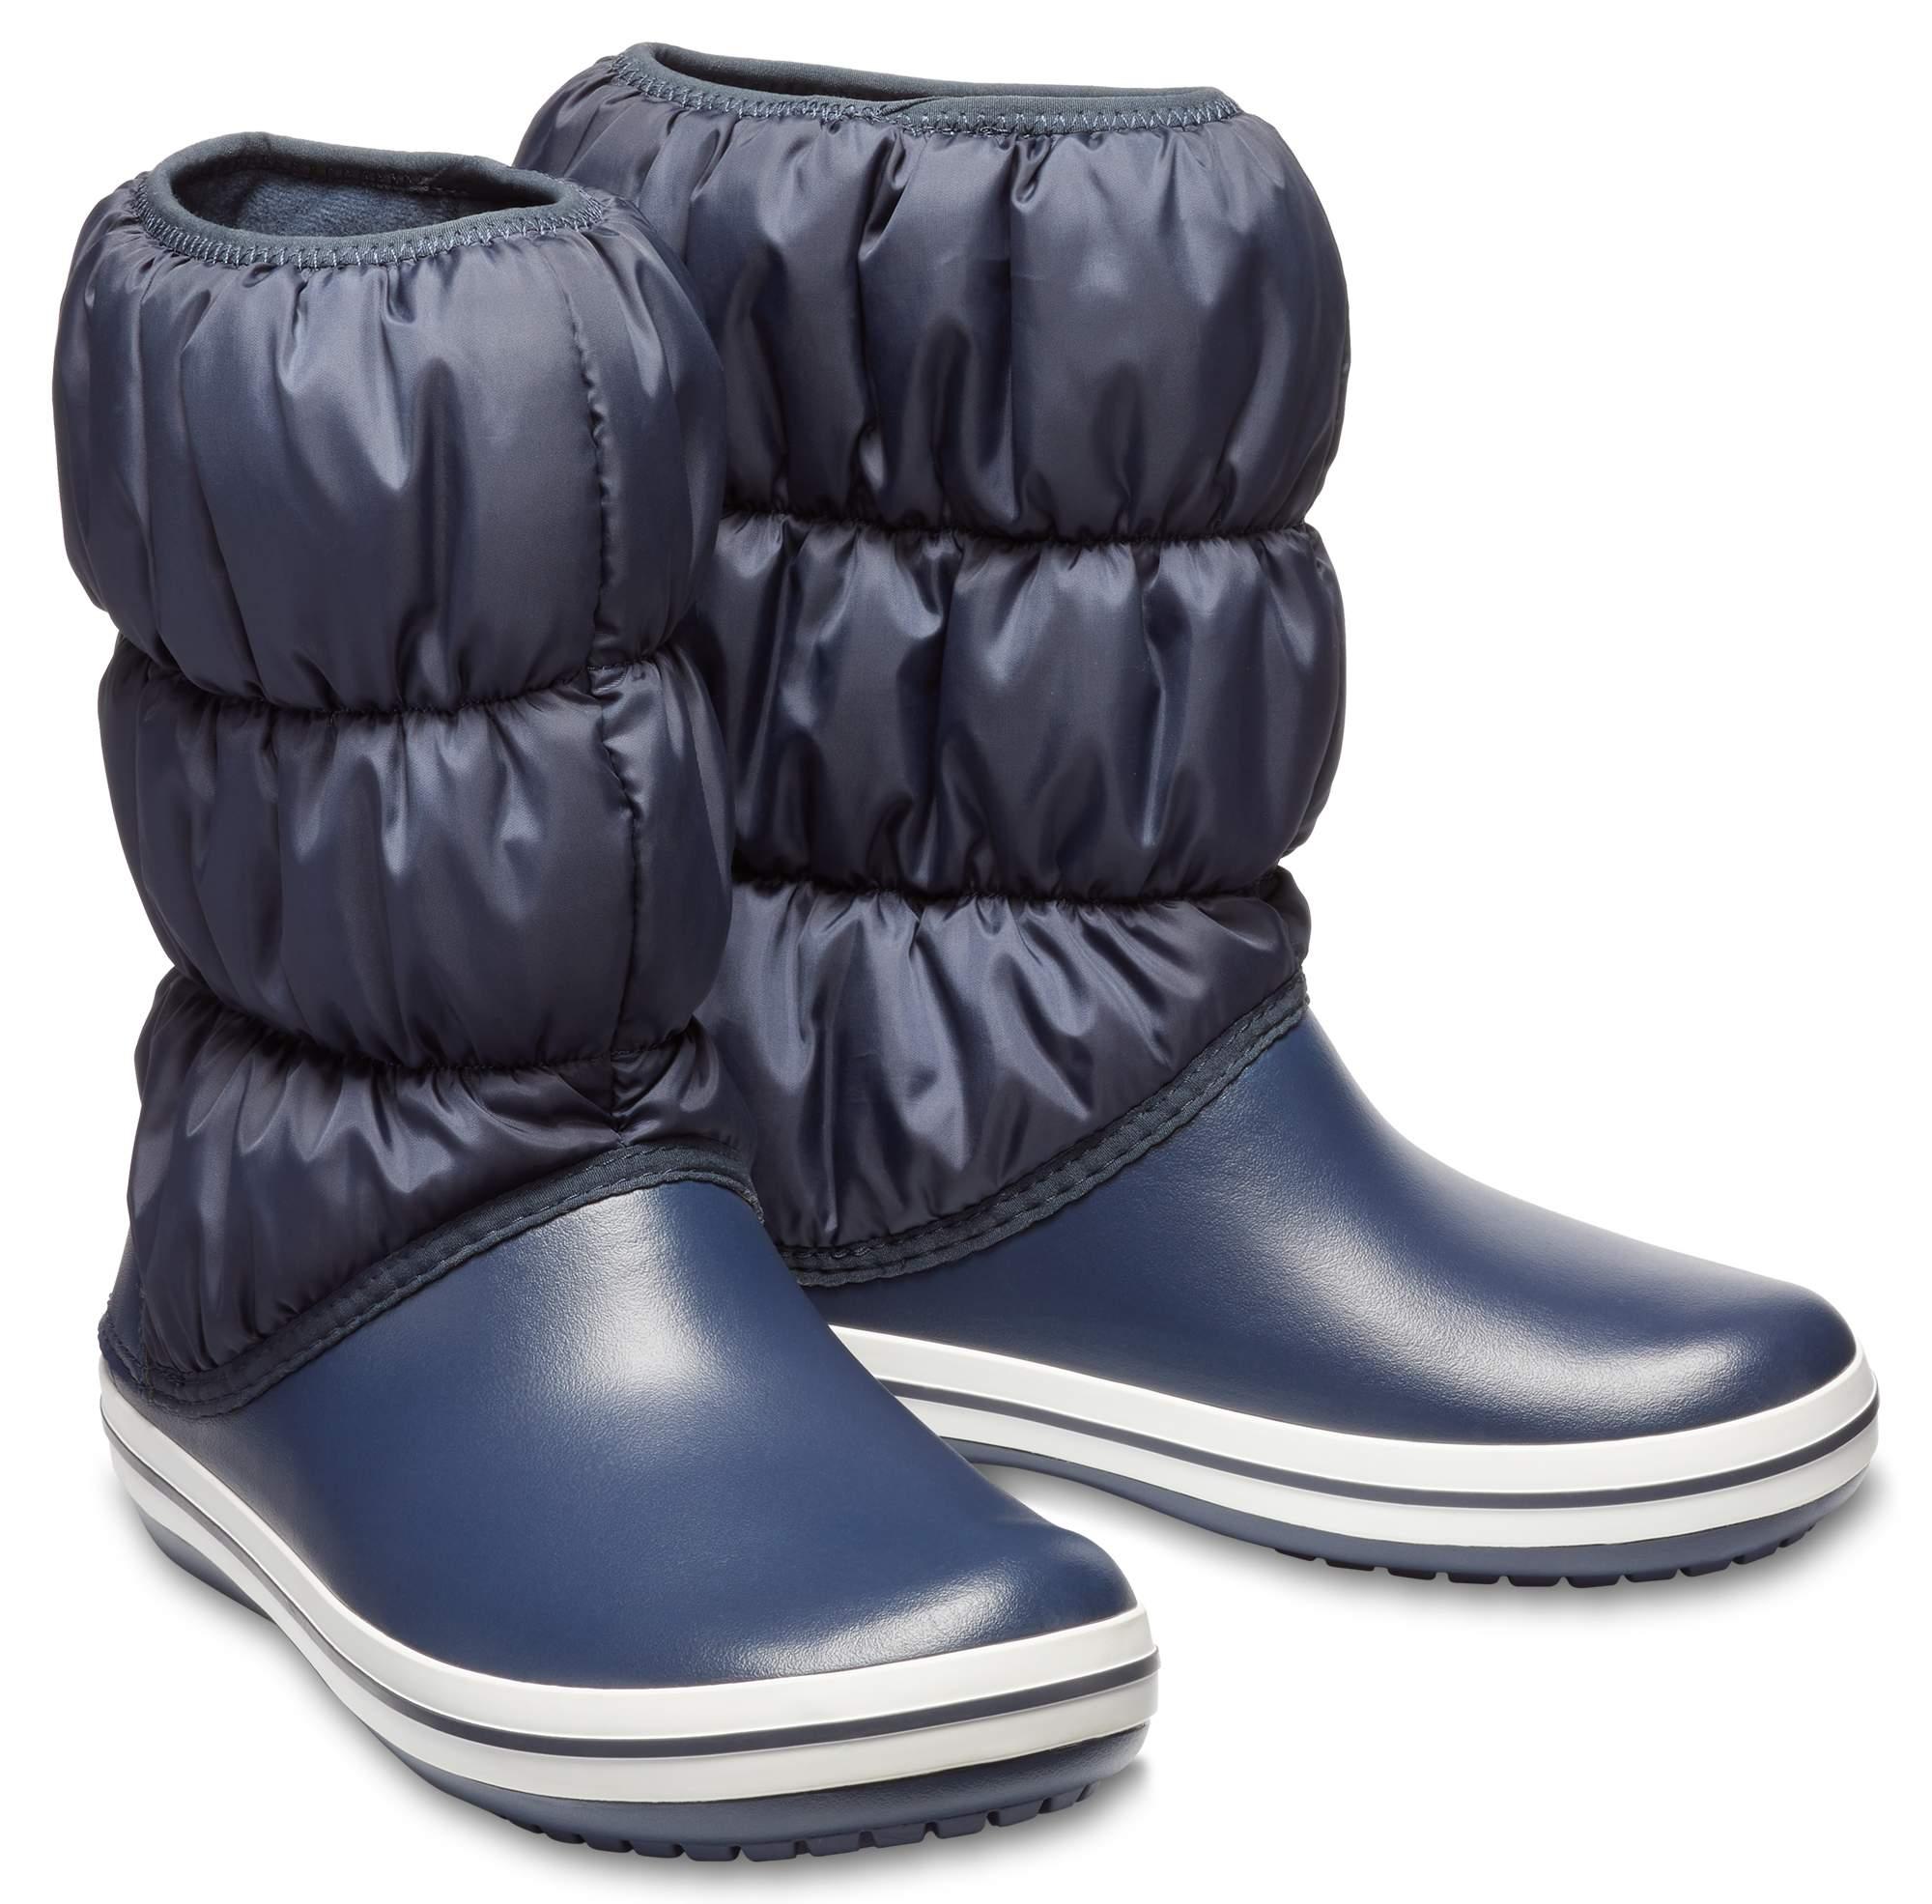 【クロックス公式】 ウィンター パフブーツ ウィメン Women's Winter Puff Boot ウィメンズ、レディース、女性用 ブルー/青 22cm,23cm,24cm,25cm,26cm boot ブーツ